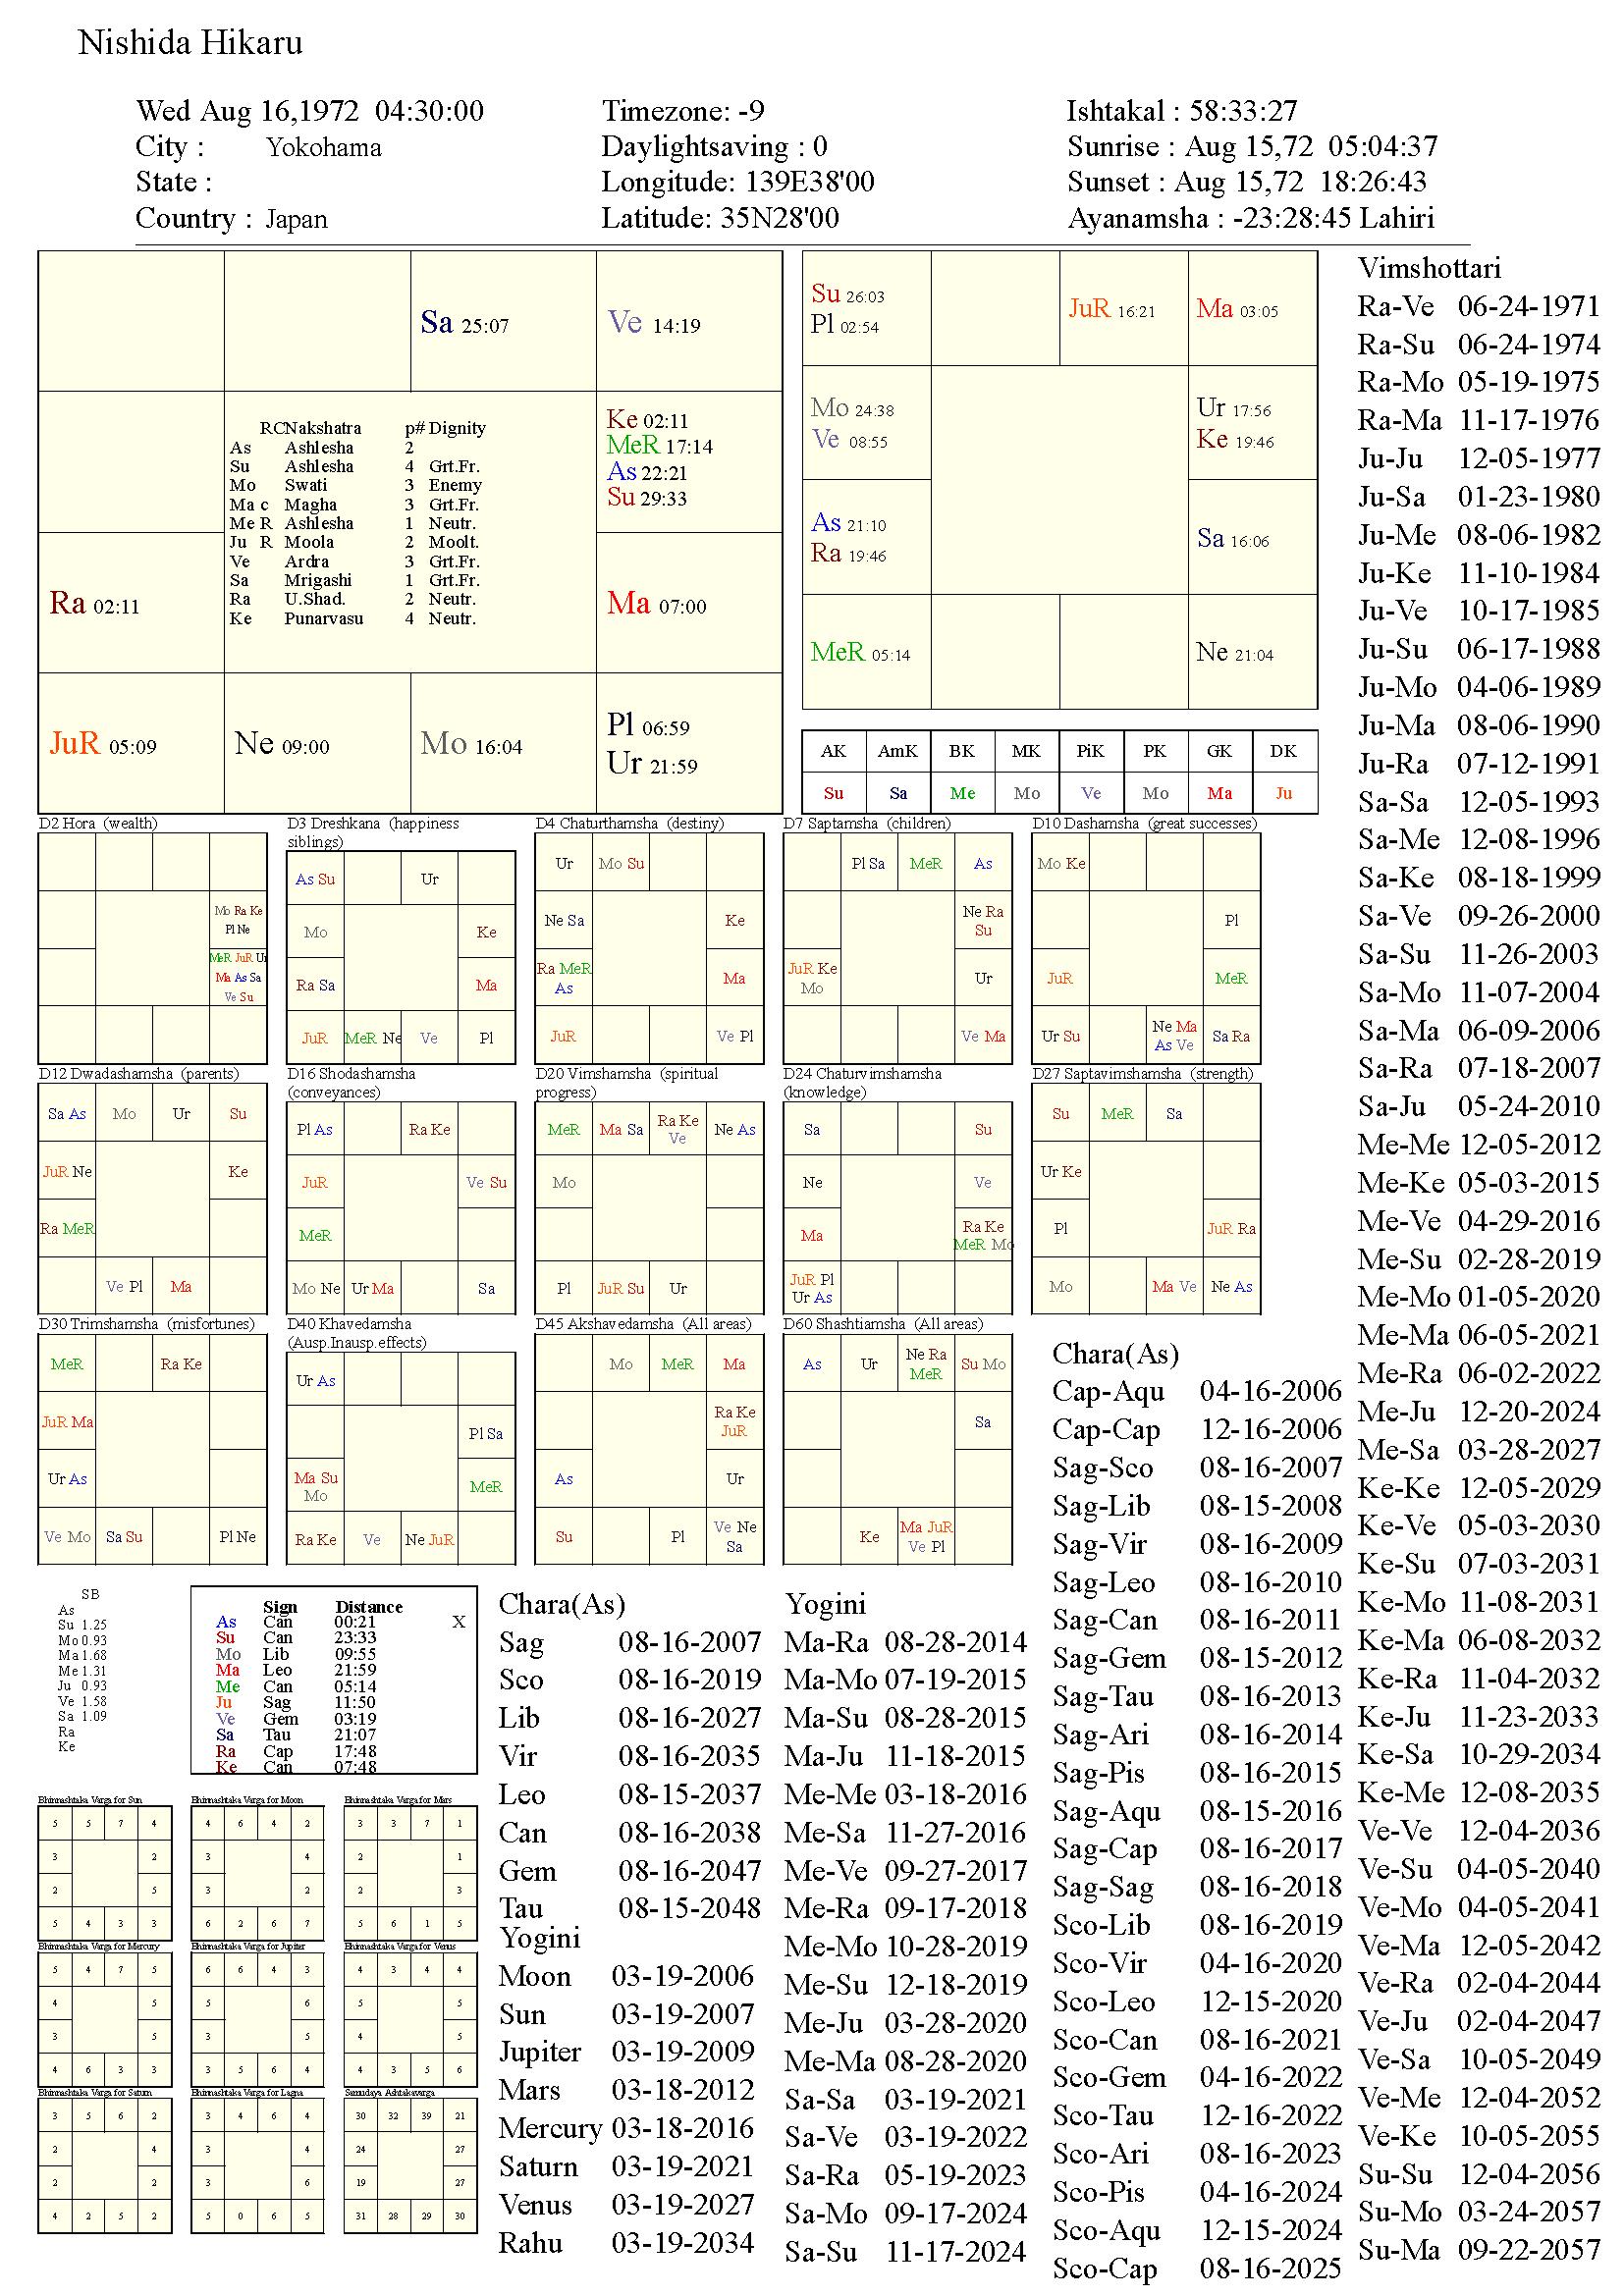 nishidahikaru_chart